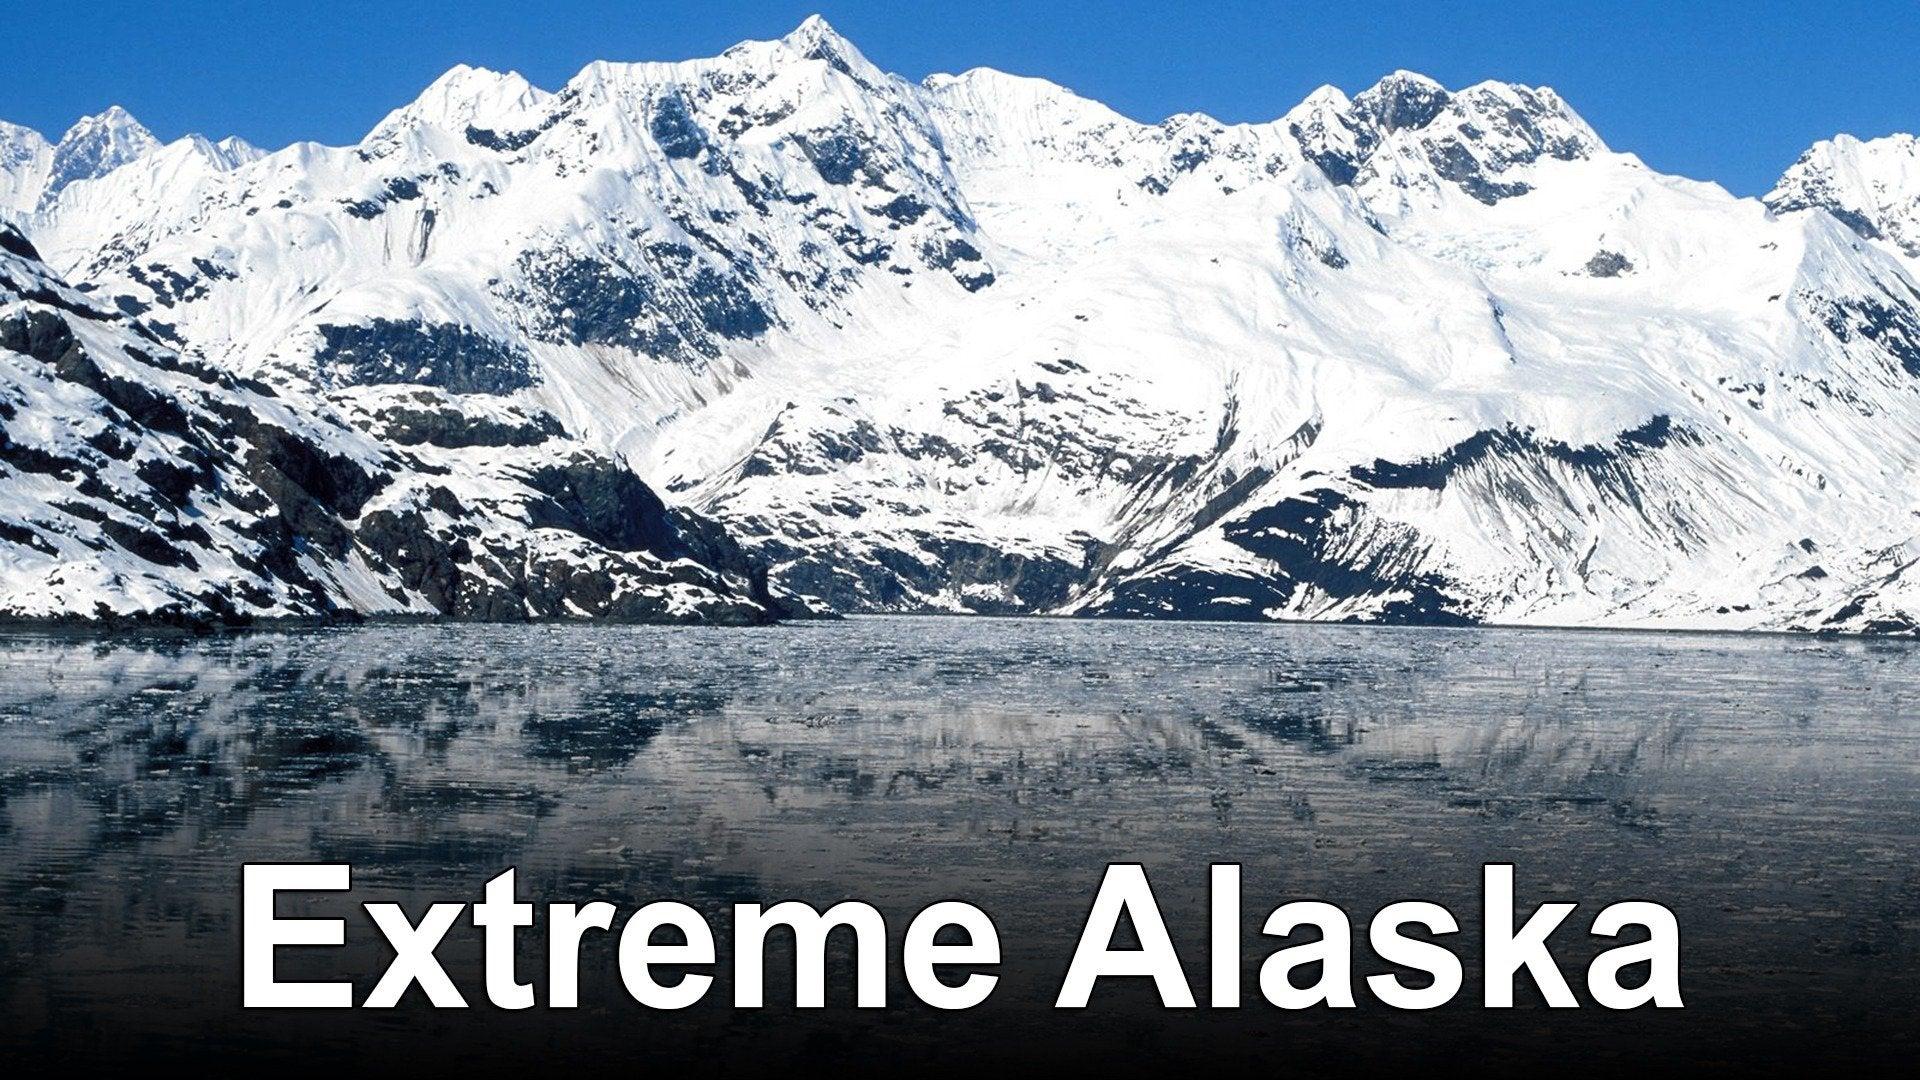 Extreme Alaska